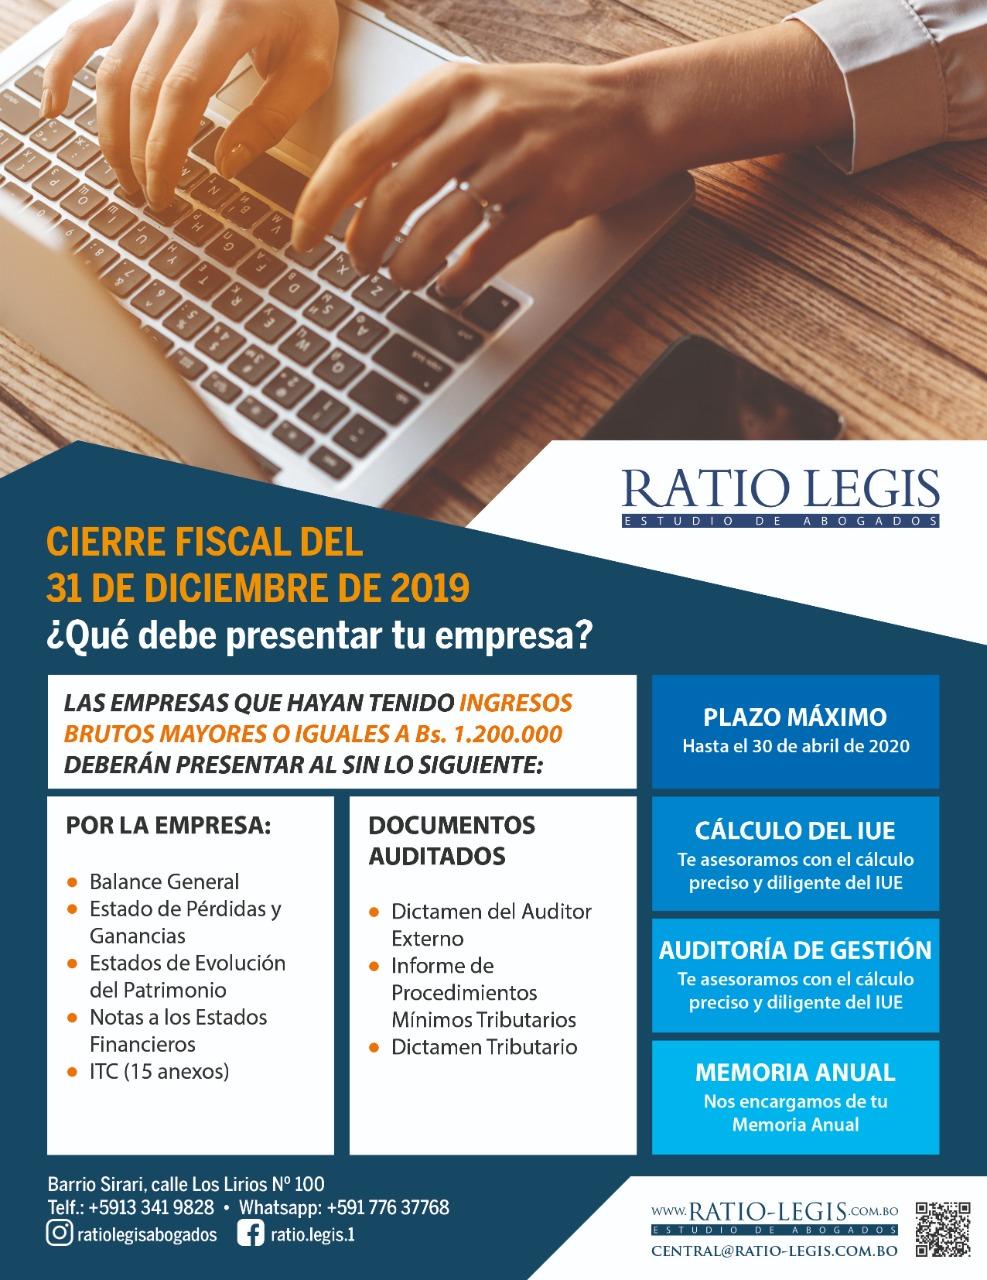 (Español) Cierre Fiscal del 31 de Diciembre de 2019